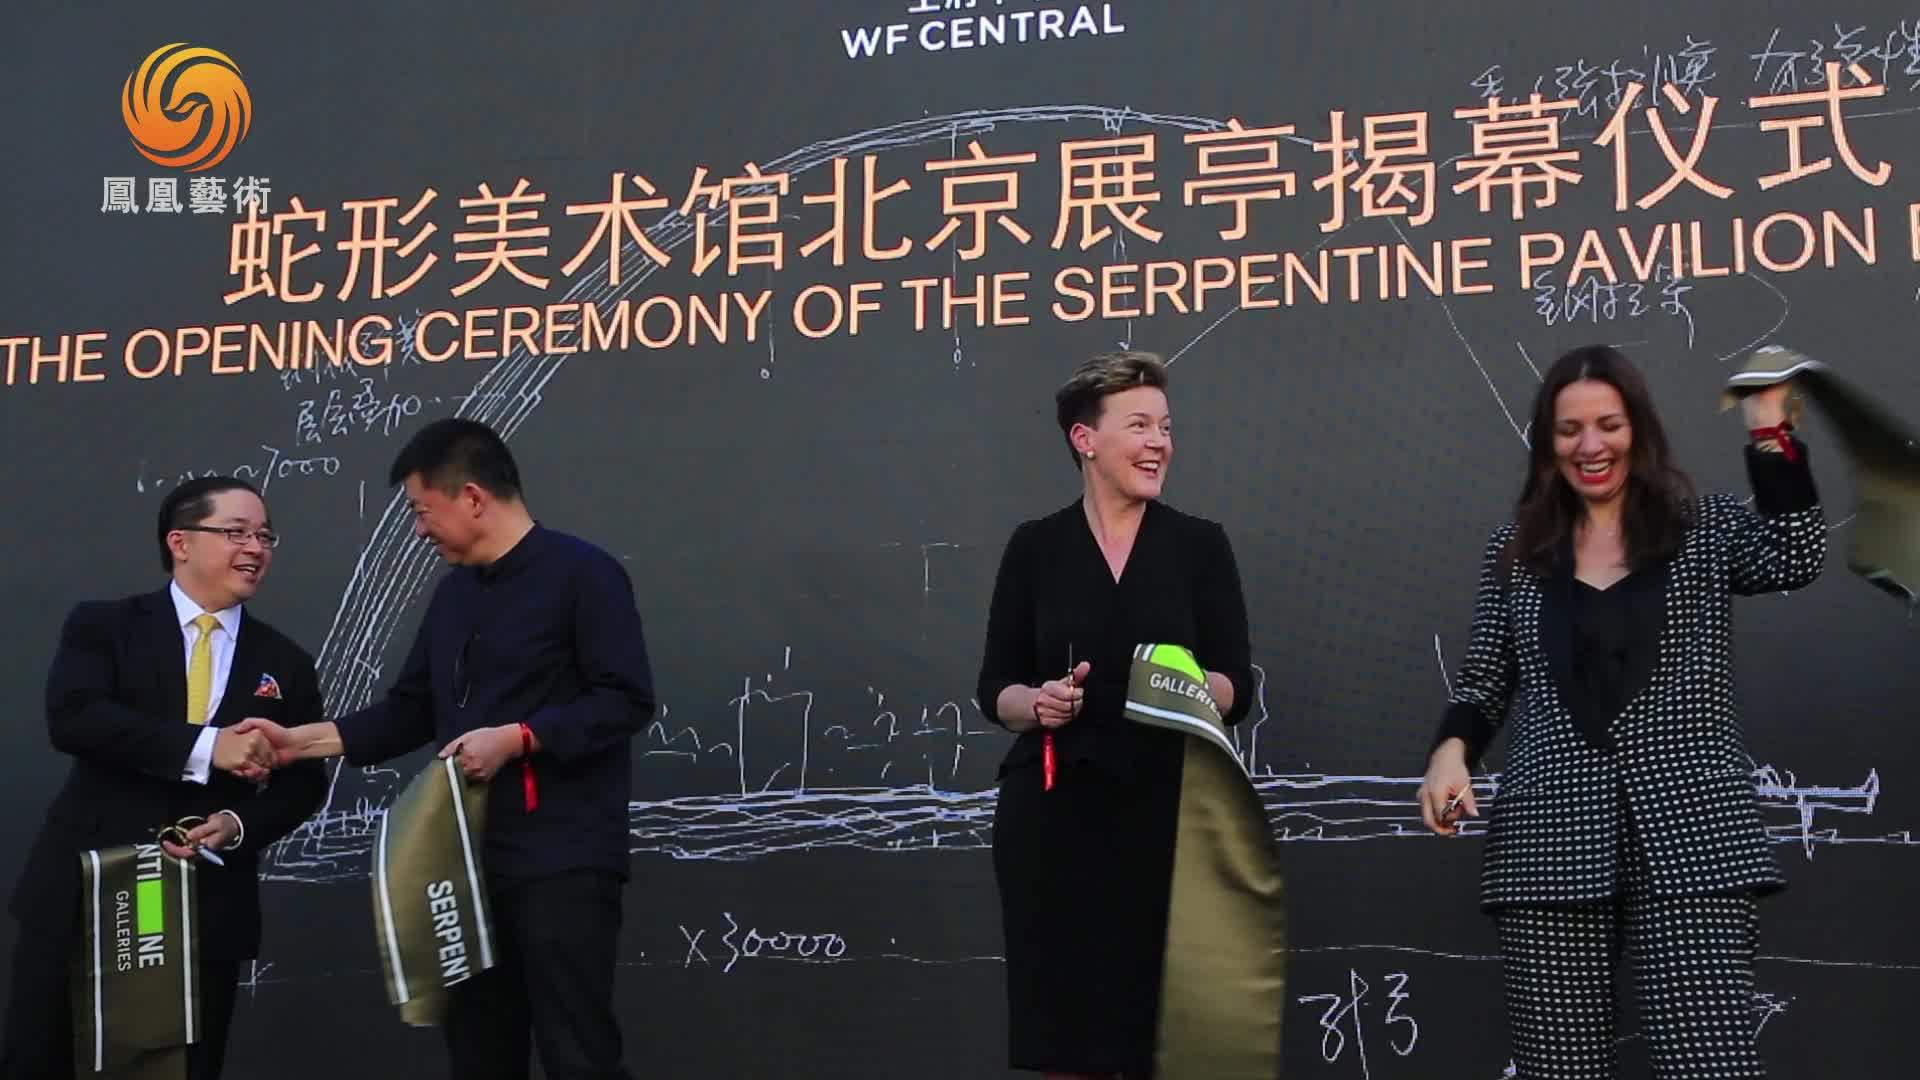 资讯丨蛇形美术馆落地北京 刘家琨引而不发